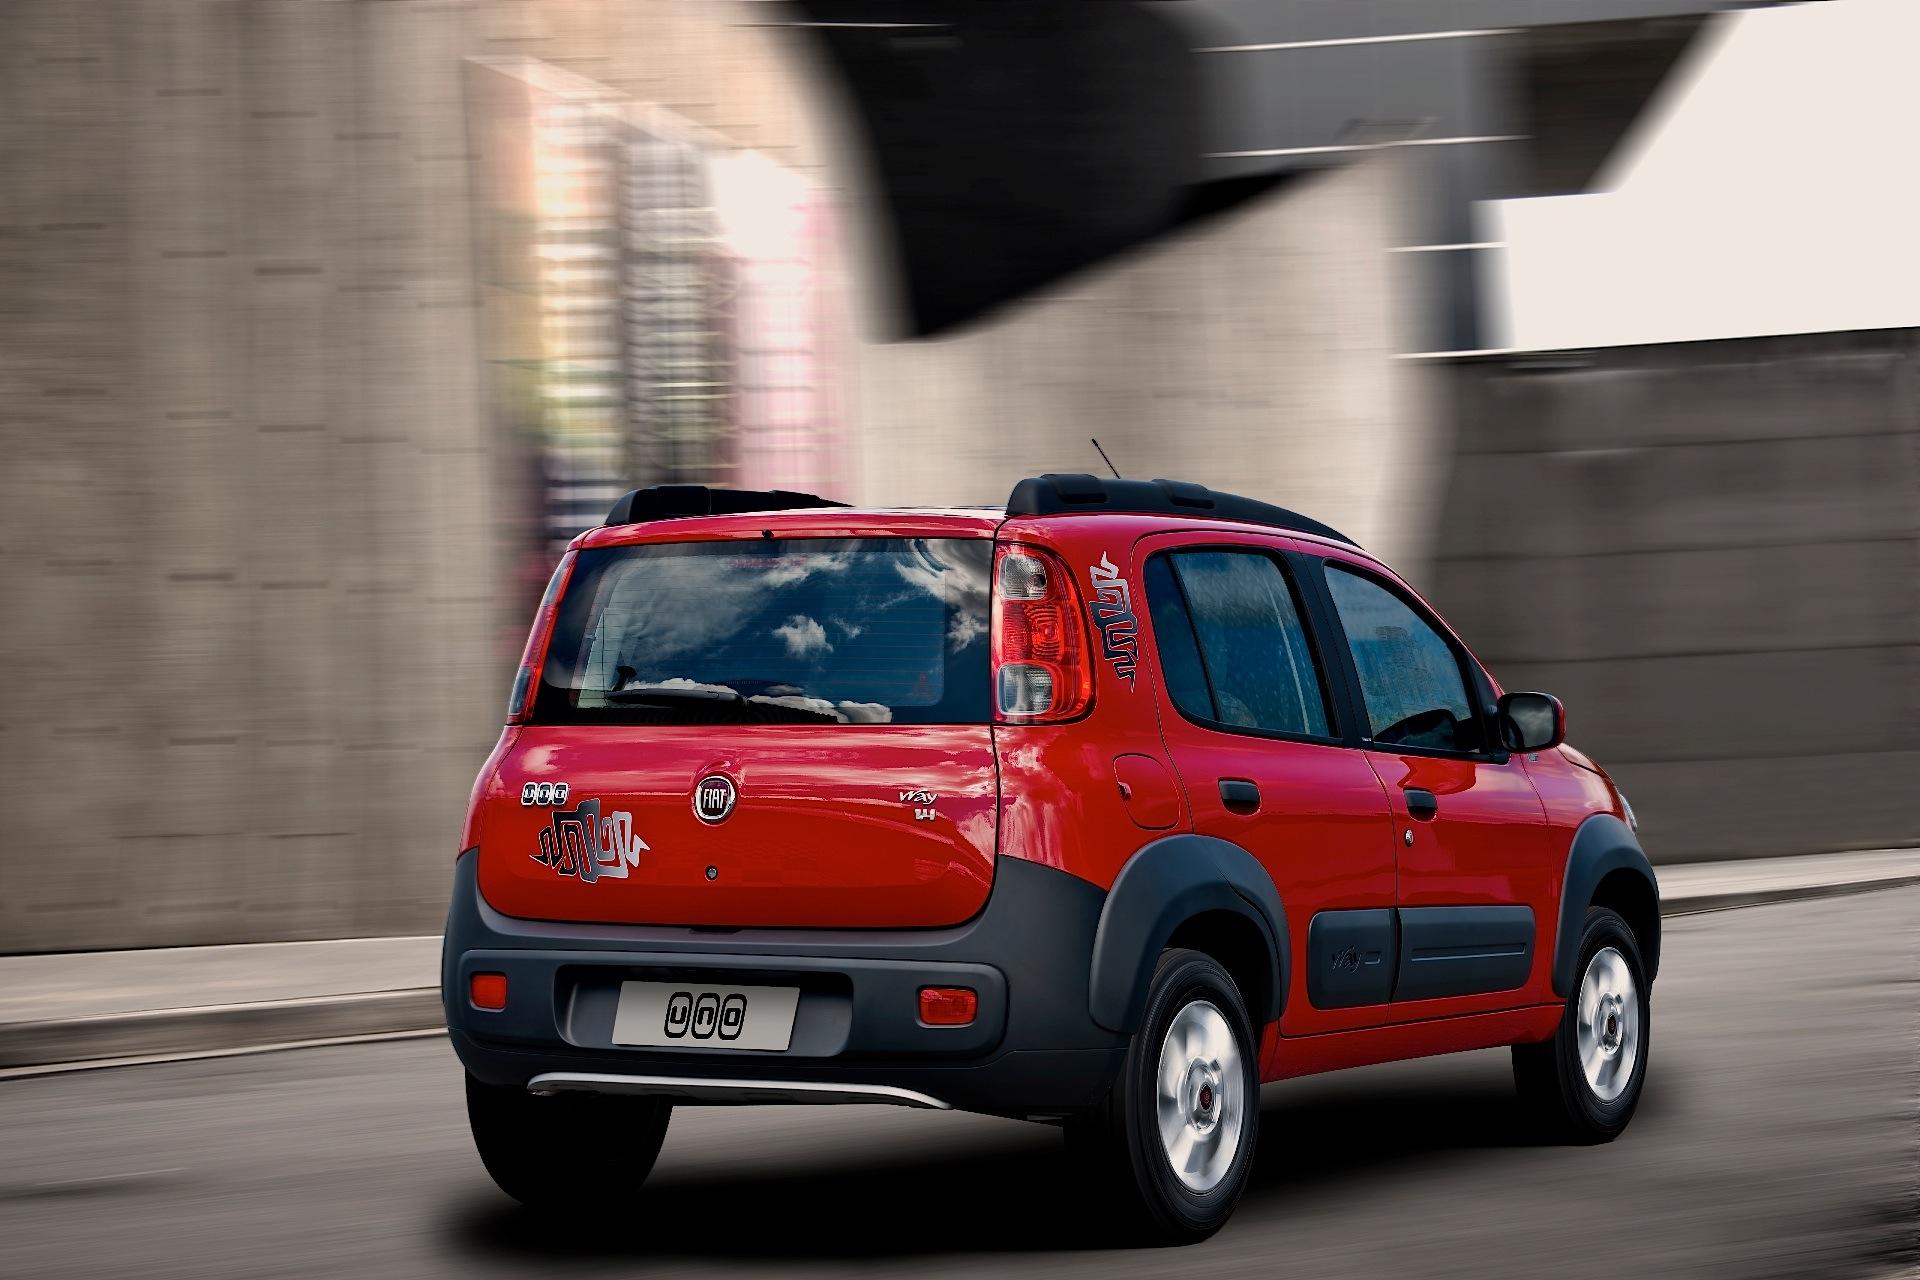 Fiat Uno - 2010  2011  2012  2013  2014  2015  2016